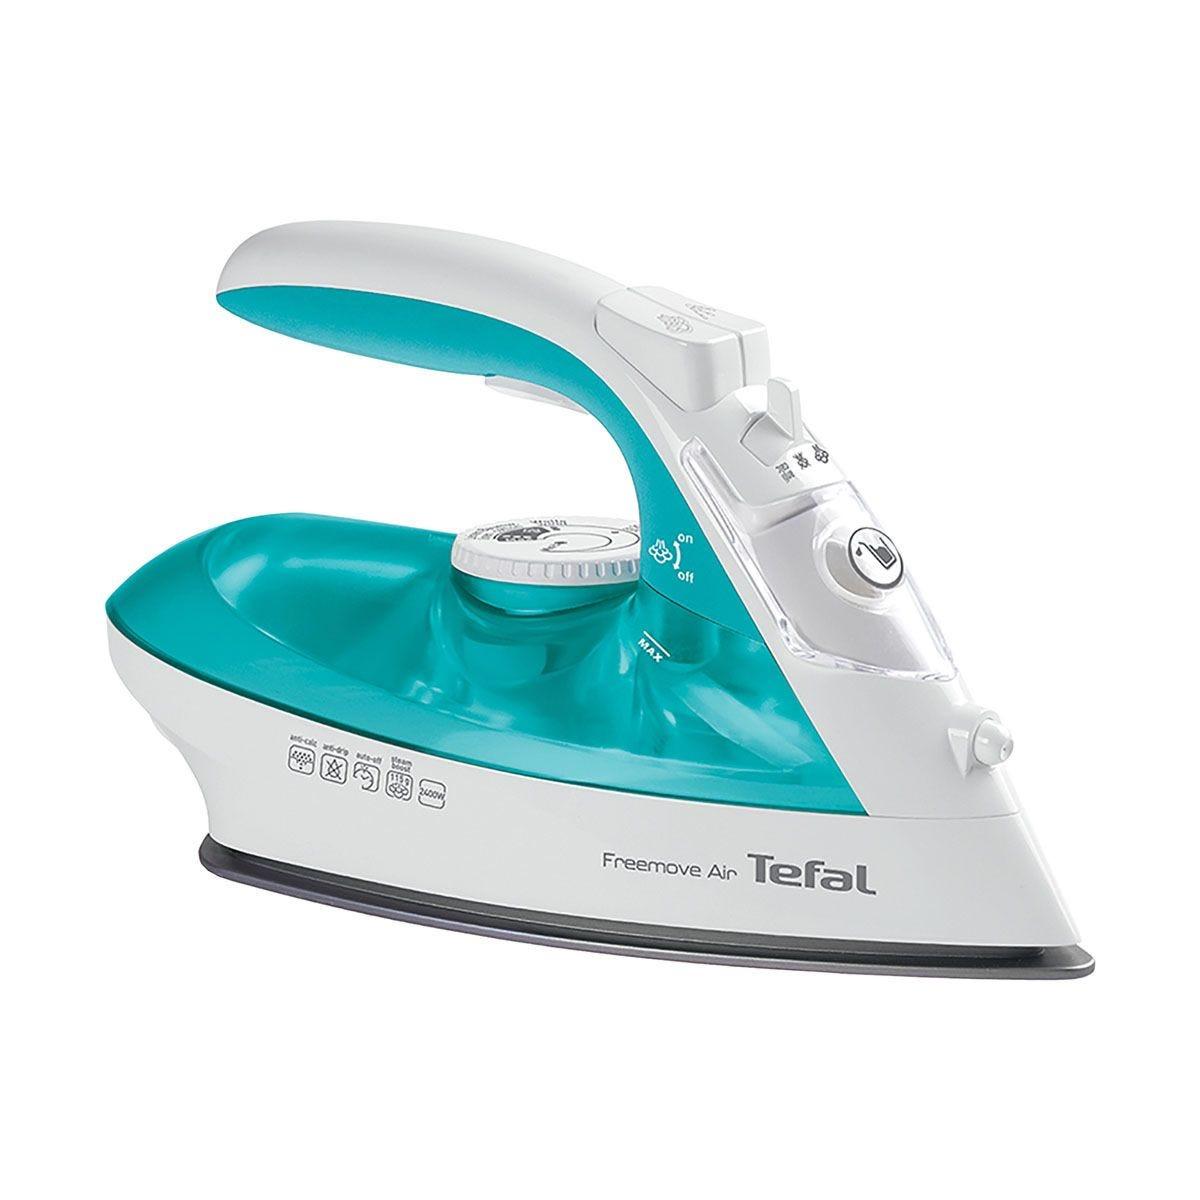 Tefal FV6520 Freemove Air Cordless Iron - Turquoise & White